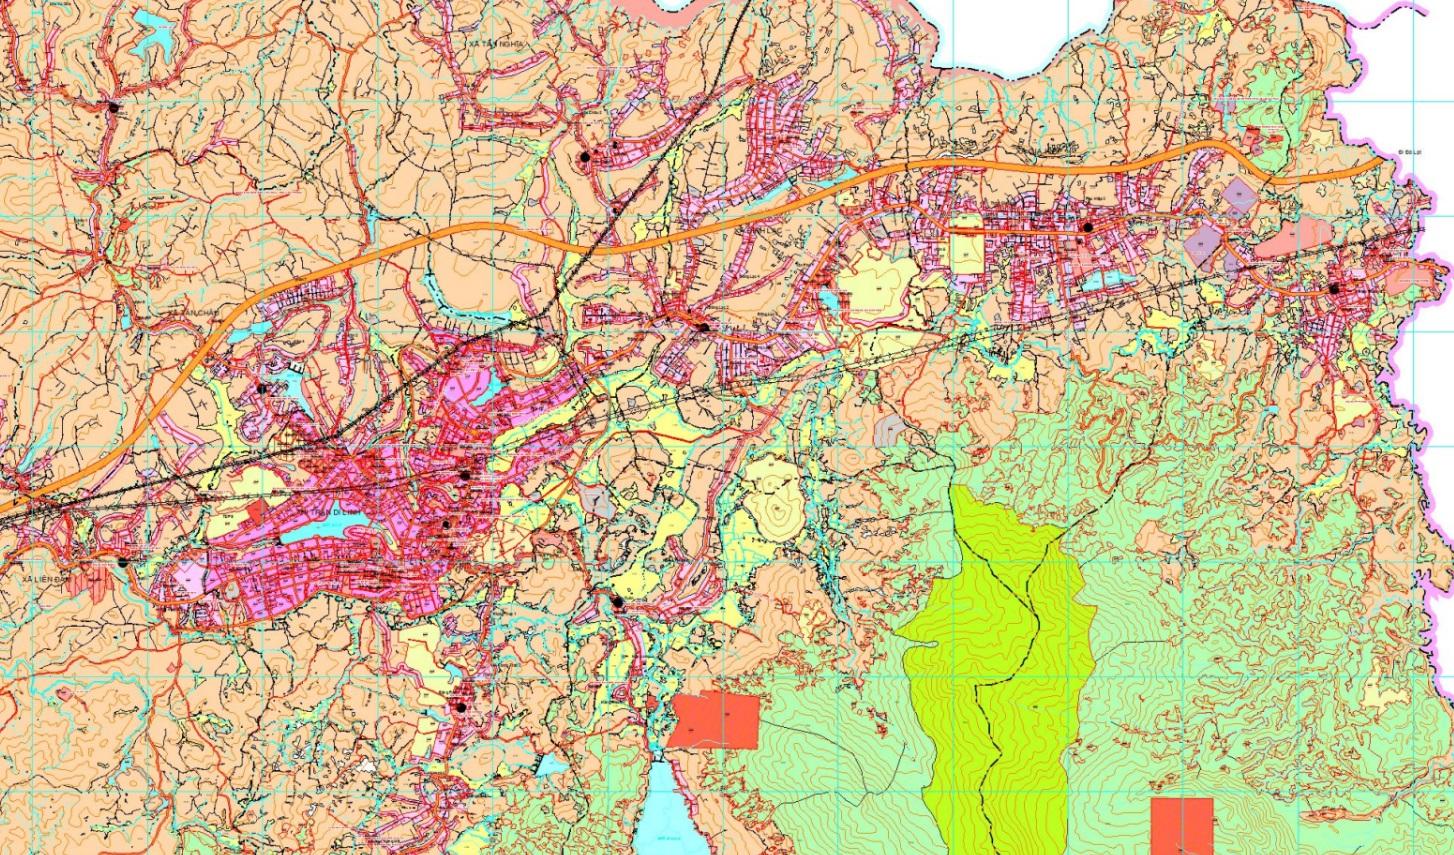 Bản đồ quy hoạch sử dụng đất huyện Di Linh